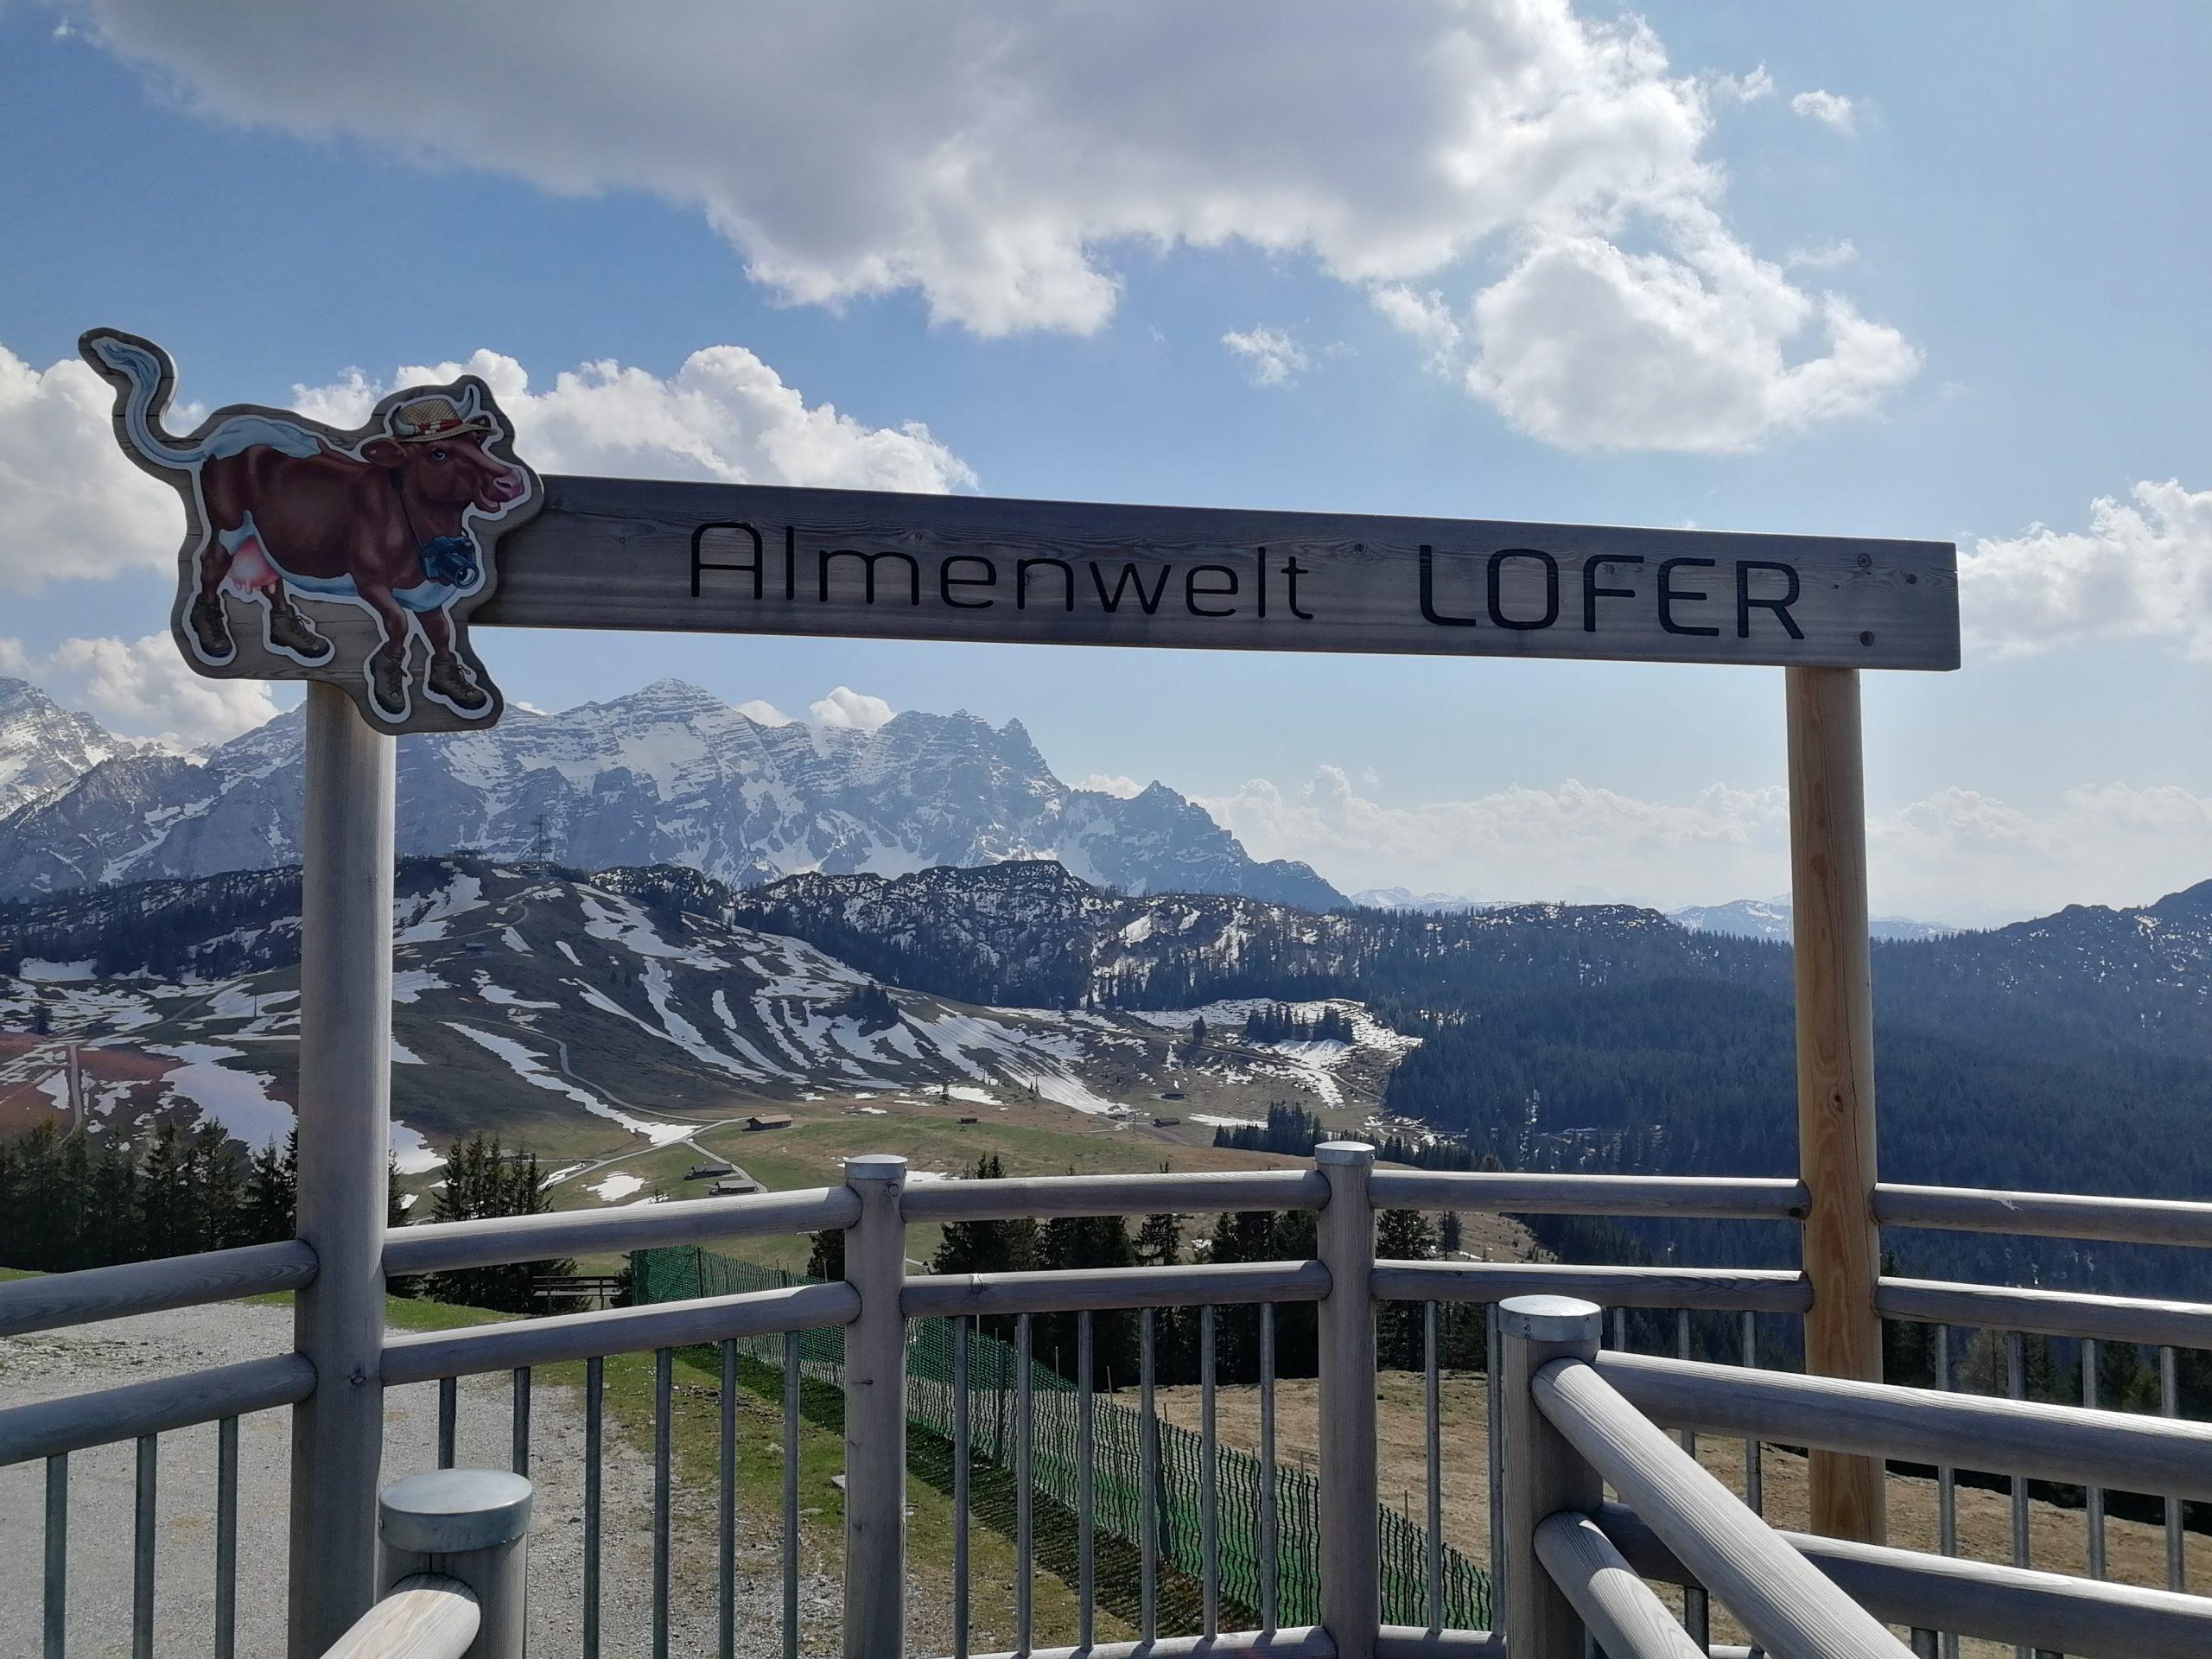 Krepper Lofer Restaurant Almenwelt